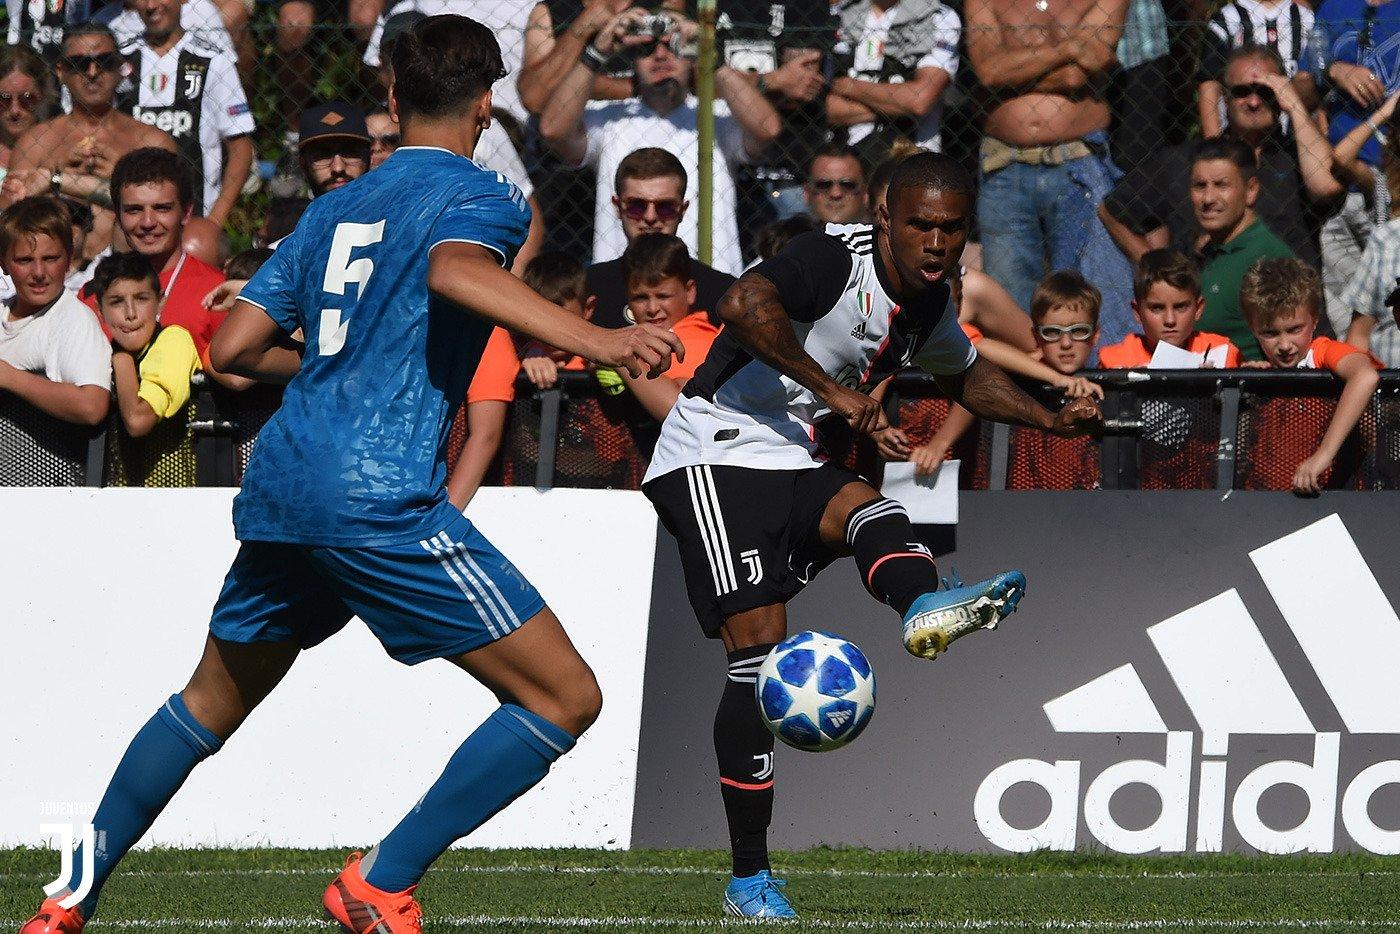 مباراة يوفنتوس وفريق الشباب (1)